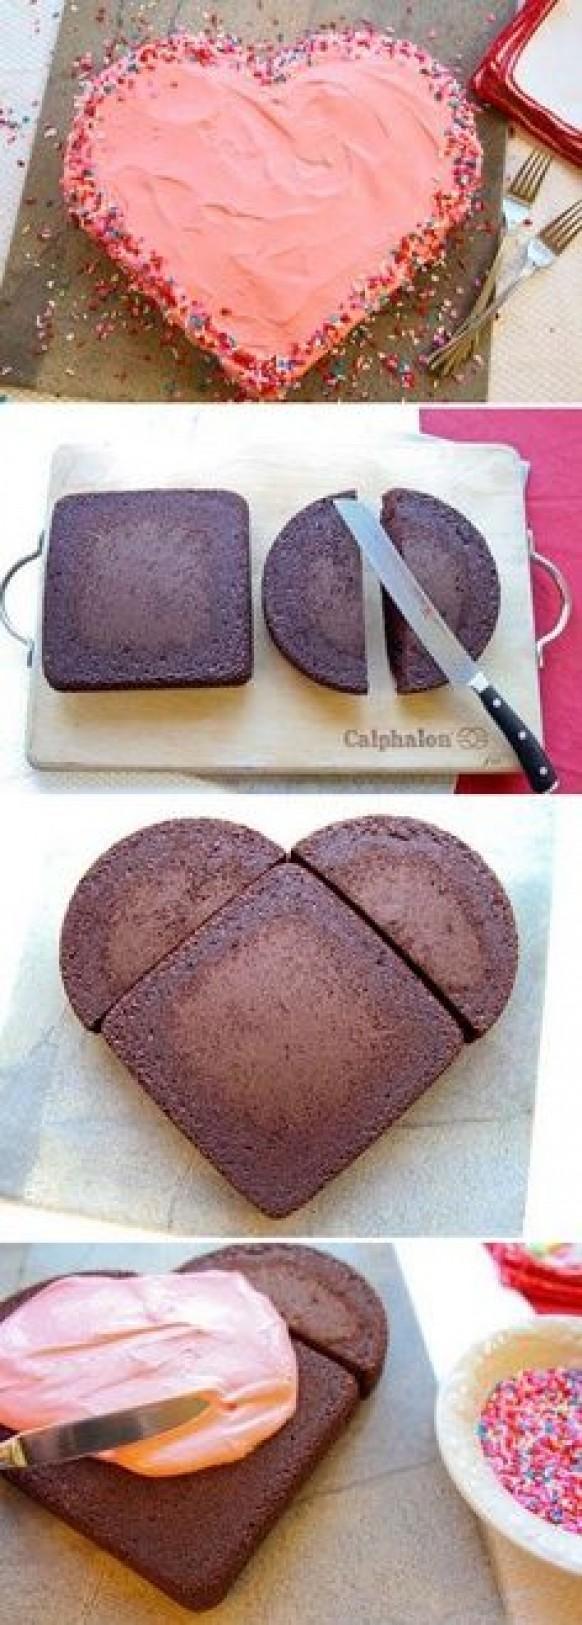 Как сделать фото торт своими руками